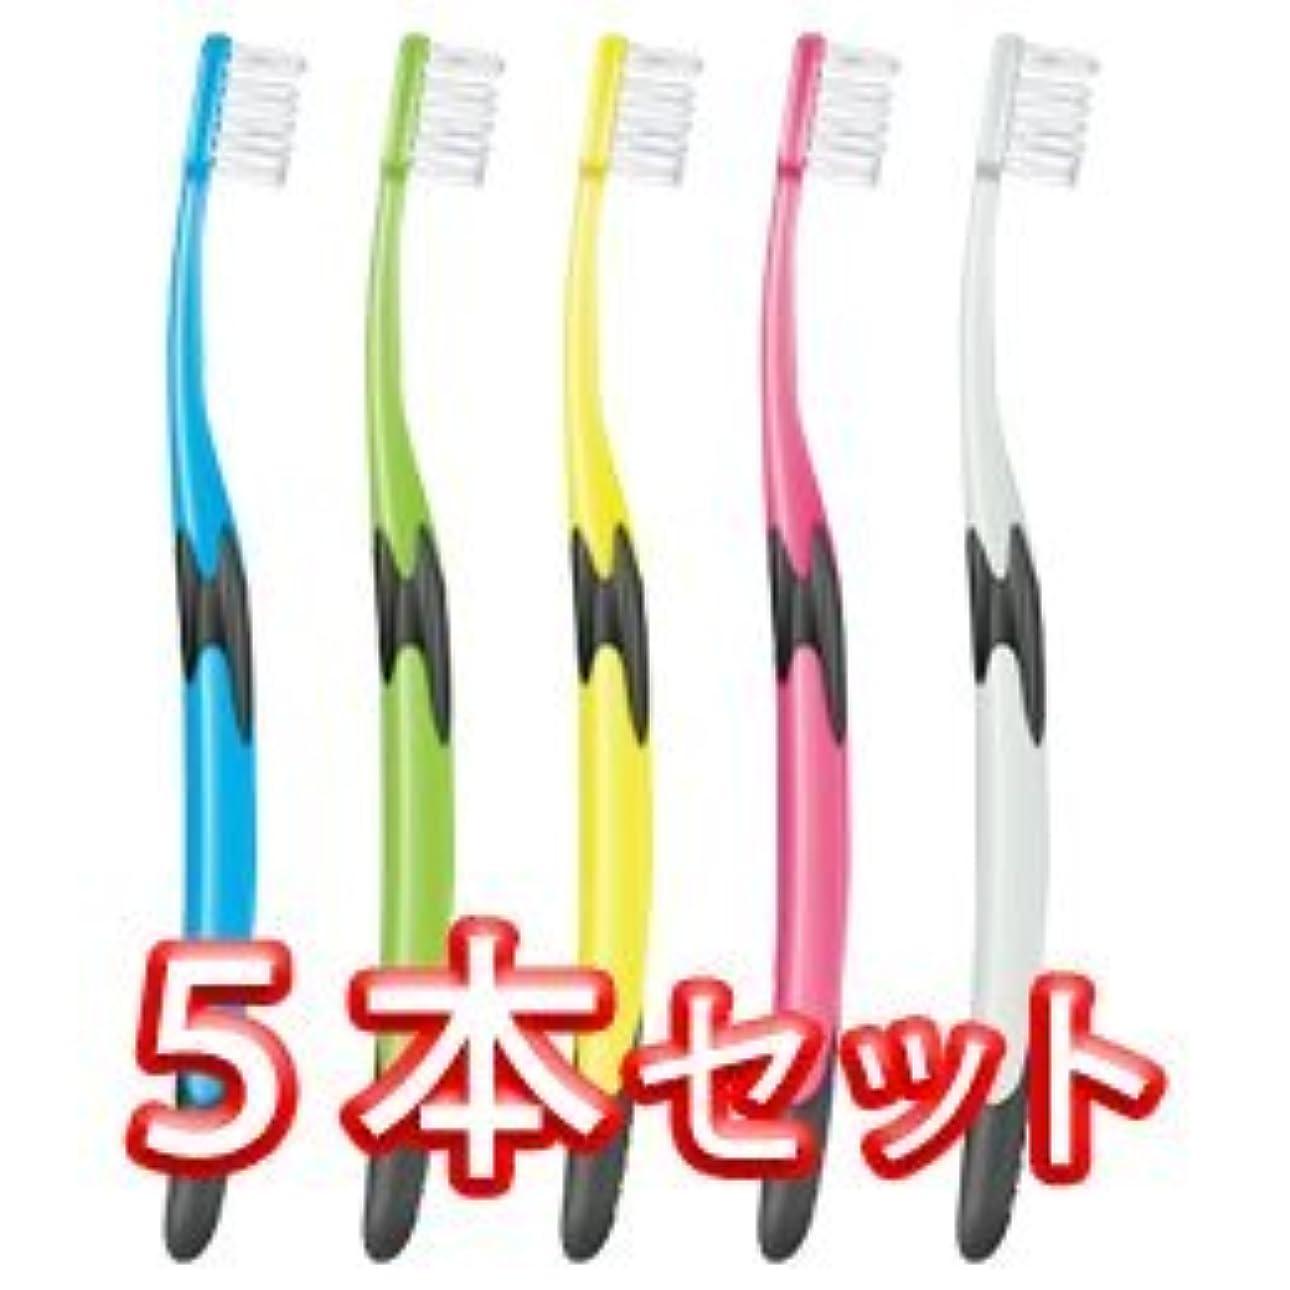 反毒特異なネコジーシー GC ルシェロ P-10 歯ブラシ 5本 (M(ふつう))